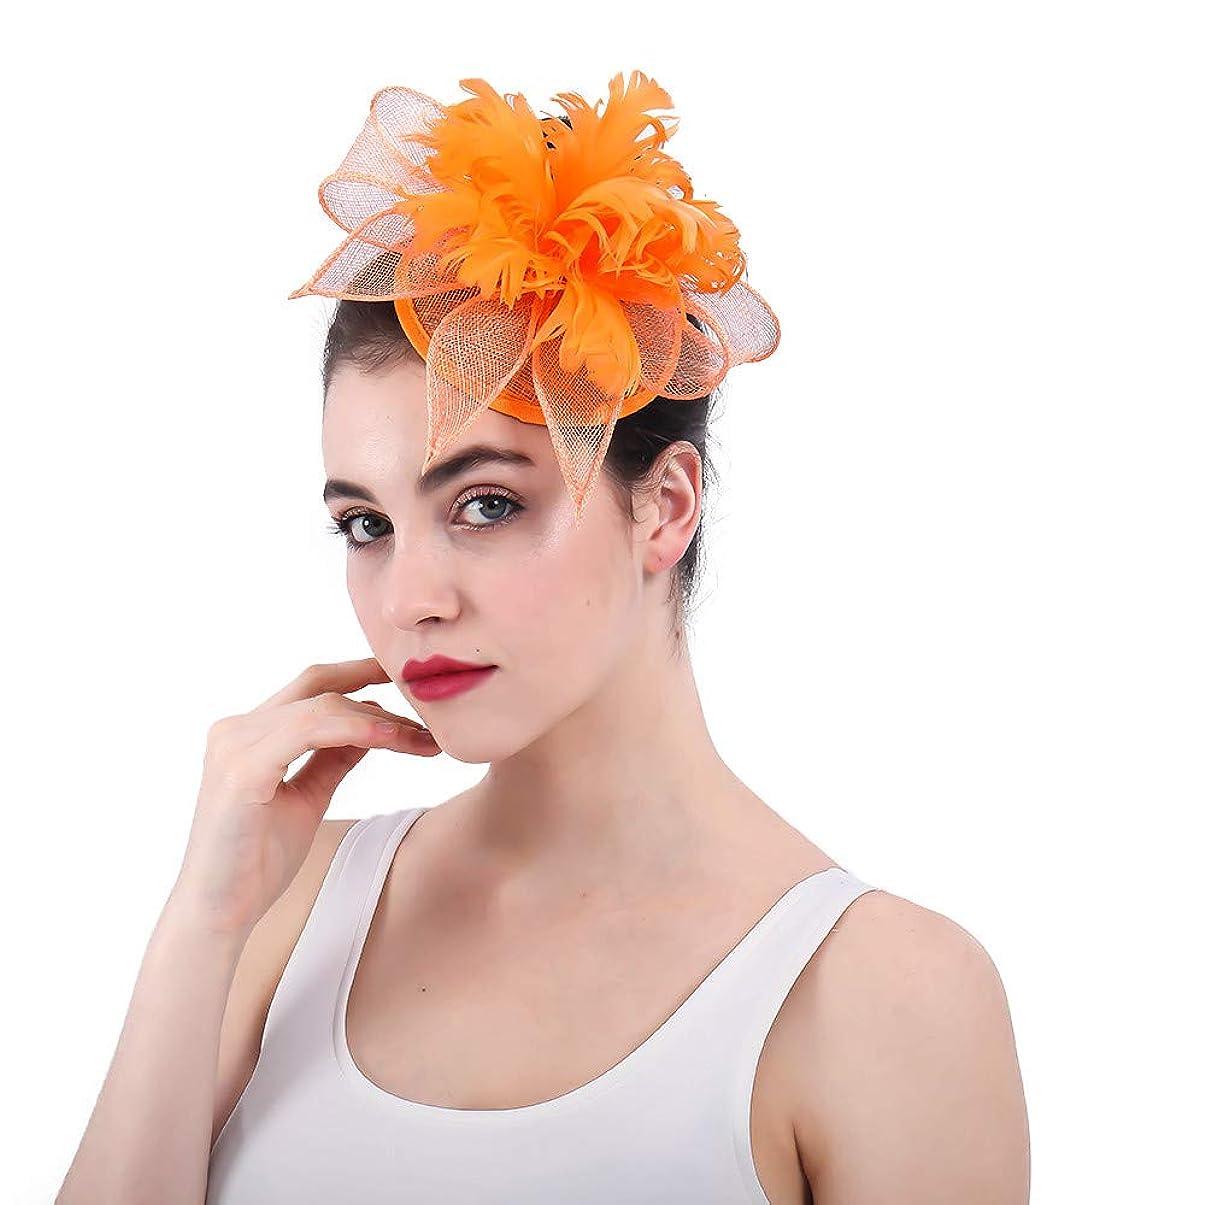 寛容どんなときもスタンド女性の魅力的な帽子 女性のエレガントな魅惑的な帽子の羽の花の結婚式のヘアピンヘッドドレスロイヤルアスコットカクテルティーパーティー (色 : Grey)